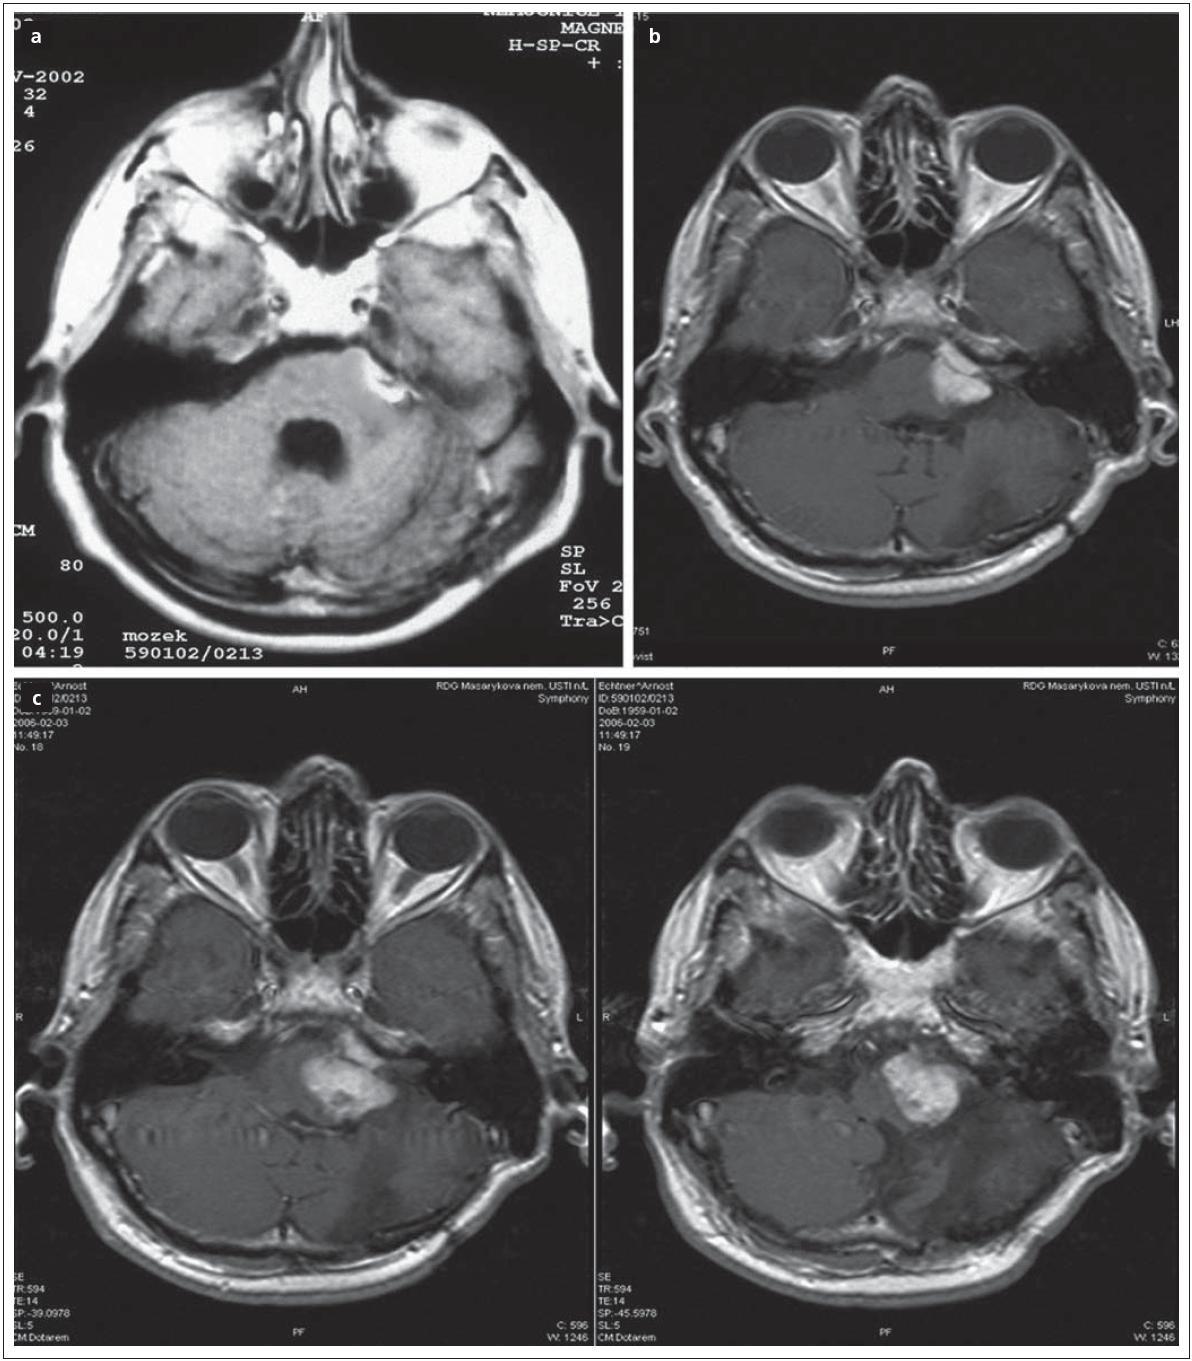 Obr. 7a) Subtotální resekce vestibulárního schwannomu. Obr. 7b) Dva roky po operaci progrese rezidua a indikace LGK. Obr. 7c) Progrese nádoru dva roky po LGK, nutnost reoperace.